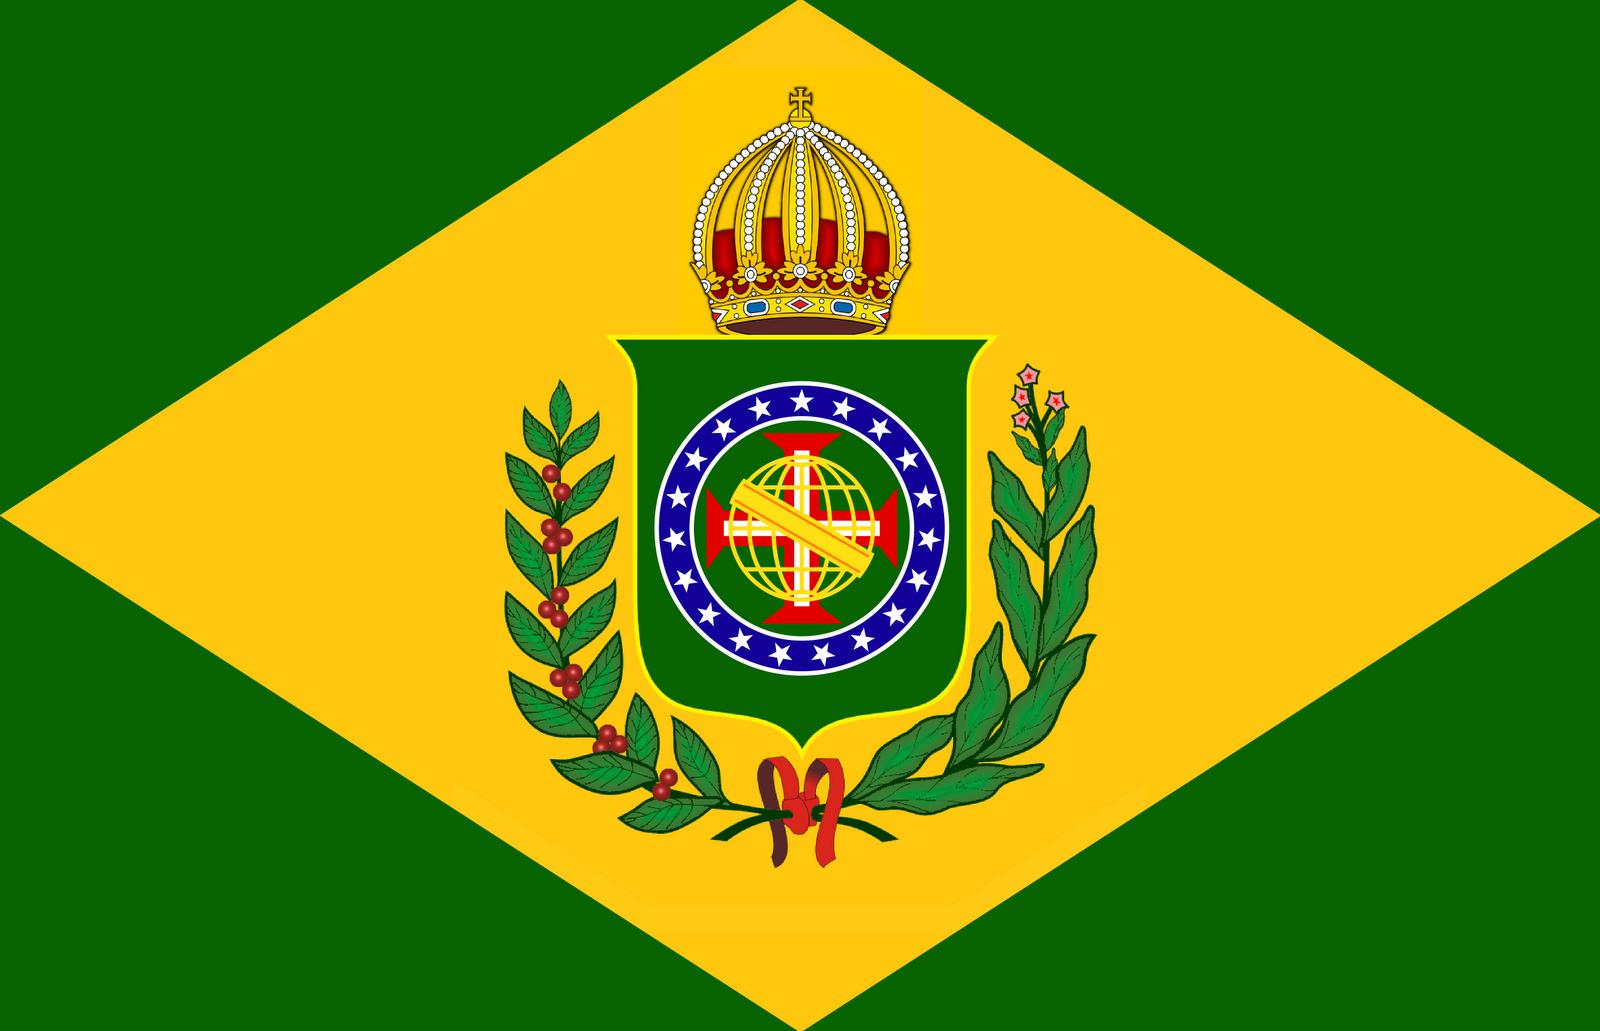 Venezuela vs guyana - Página 2 Bandeira+Imperial+do+Brasil+-+20+++1